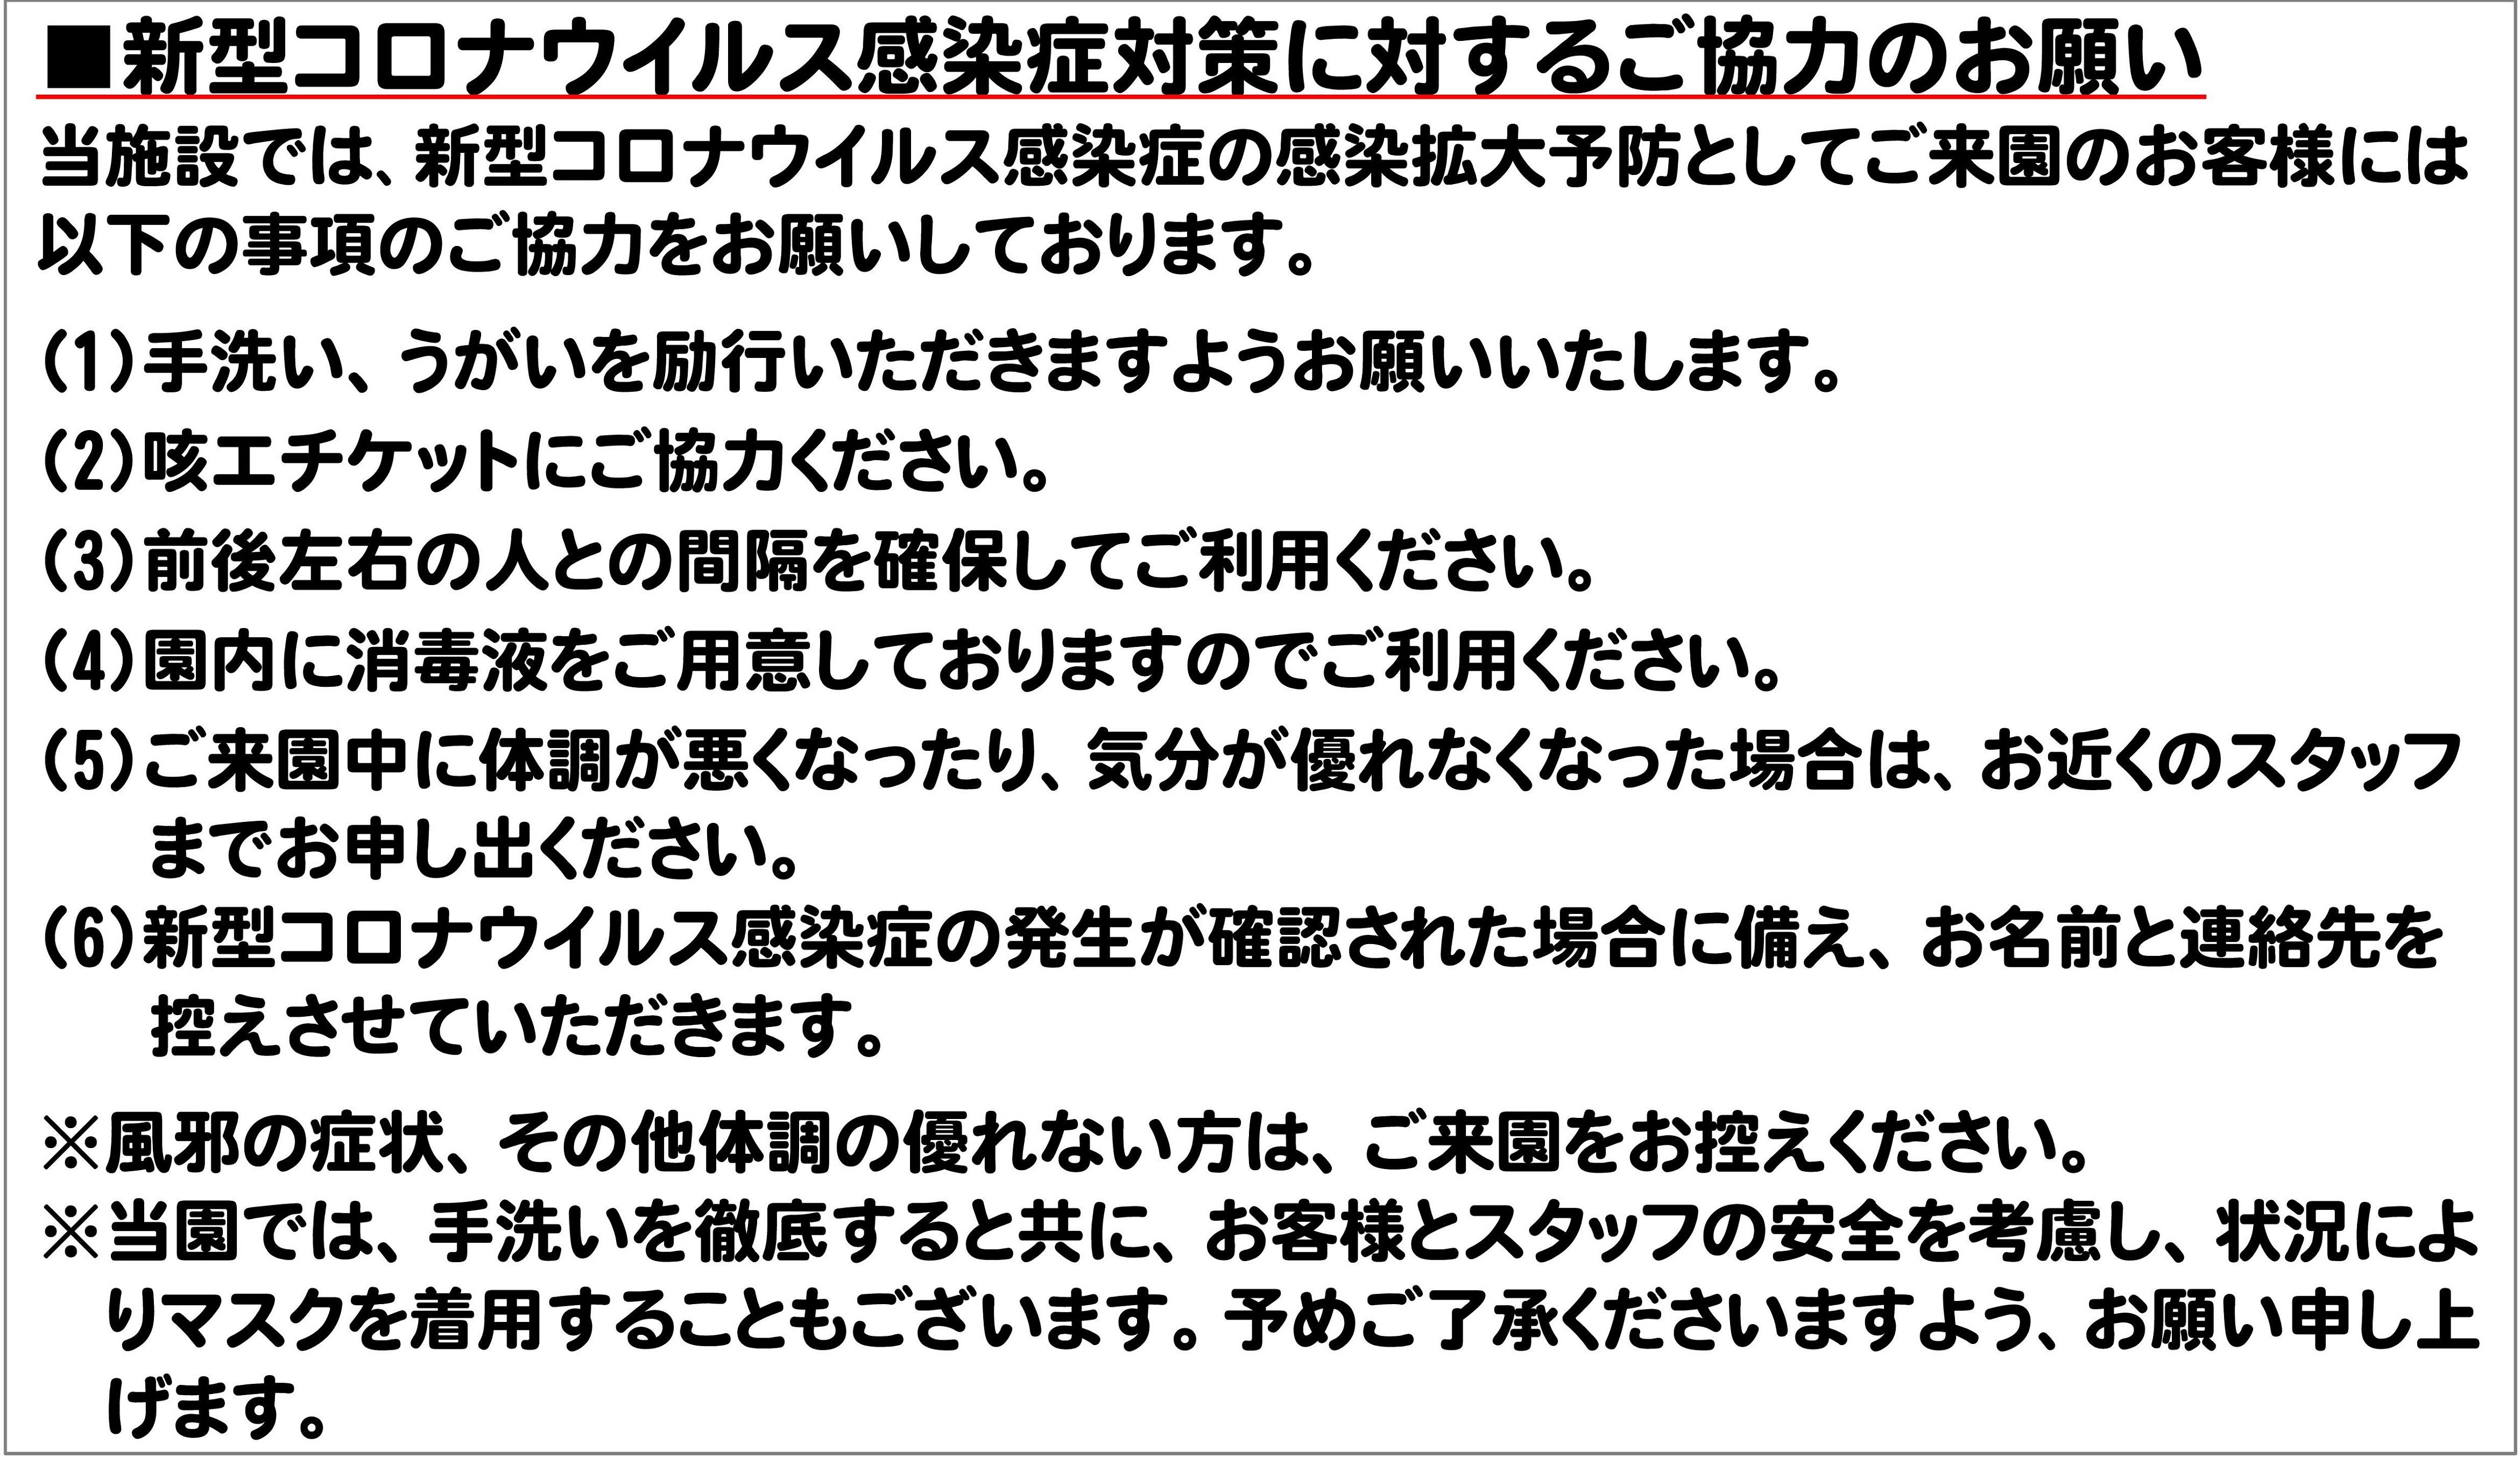 最新 コロナ ニュース 県 福島